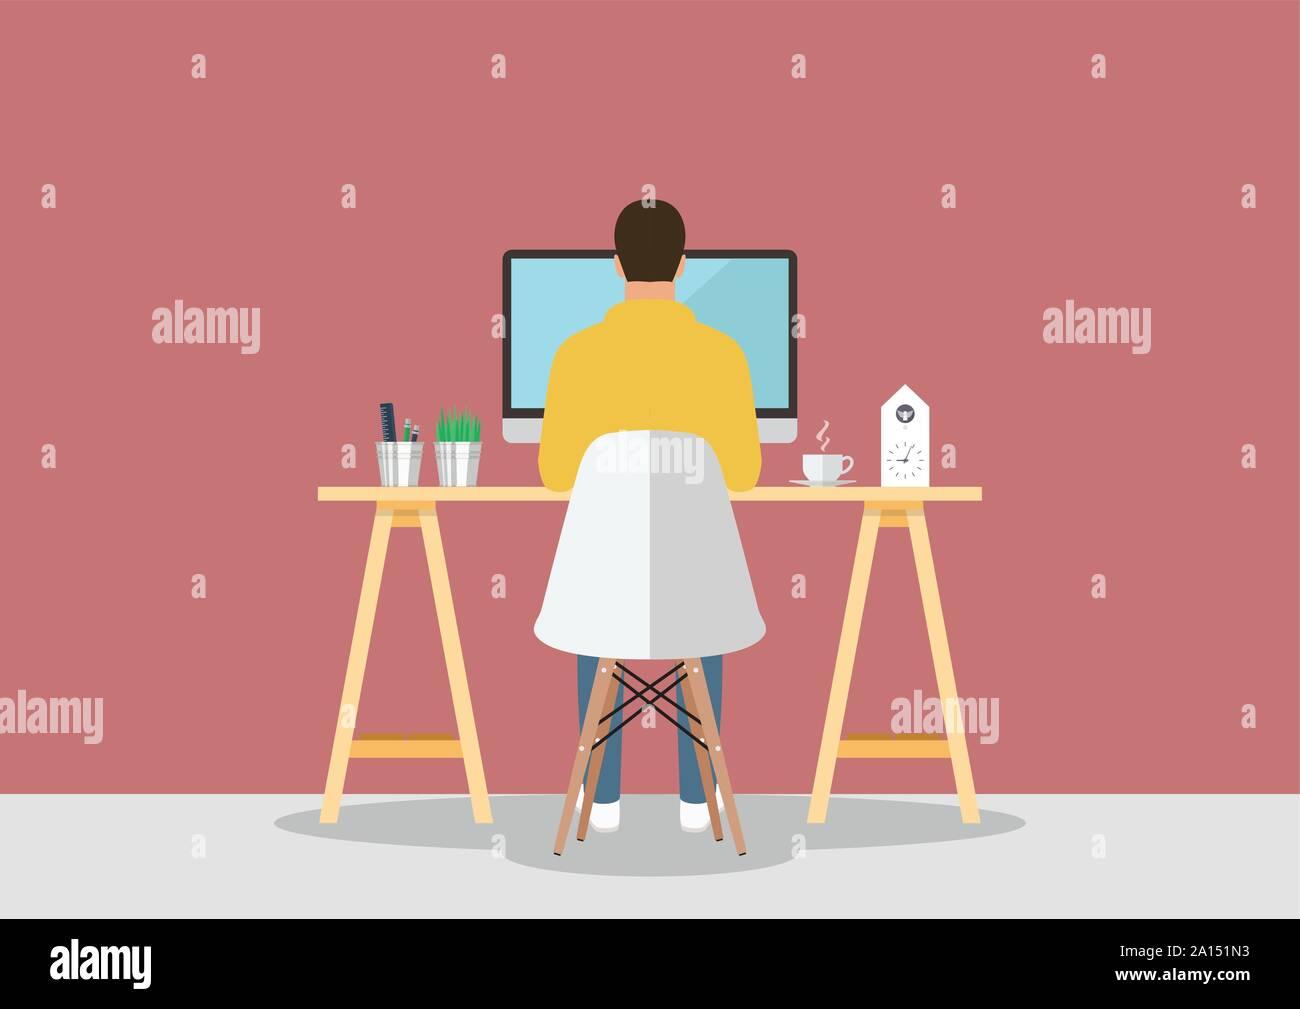 Uomo al lavoro su computer in stile moderno ambiente di lavoro. Illustrazione Vettoriale Illustrazione Vettoriale